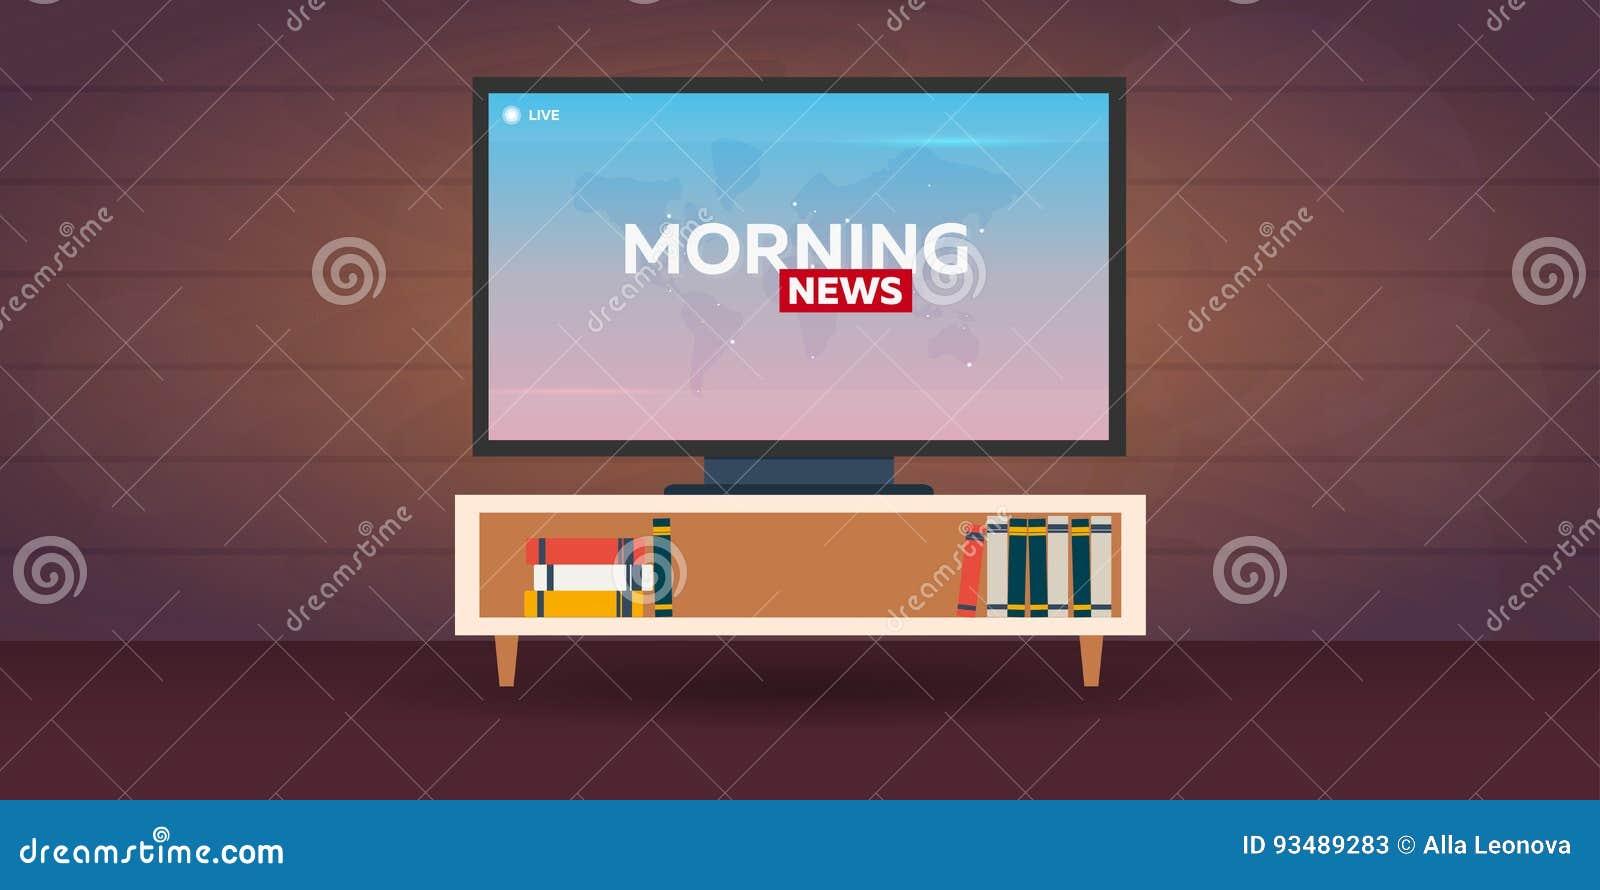 Mass Media  Morning News Banner  Live  TV Show  Stock Illustration